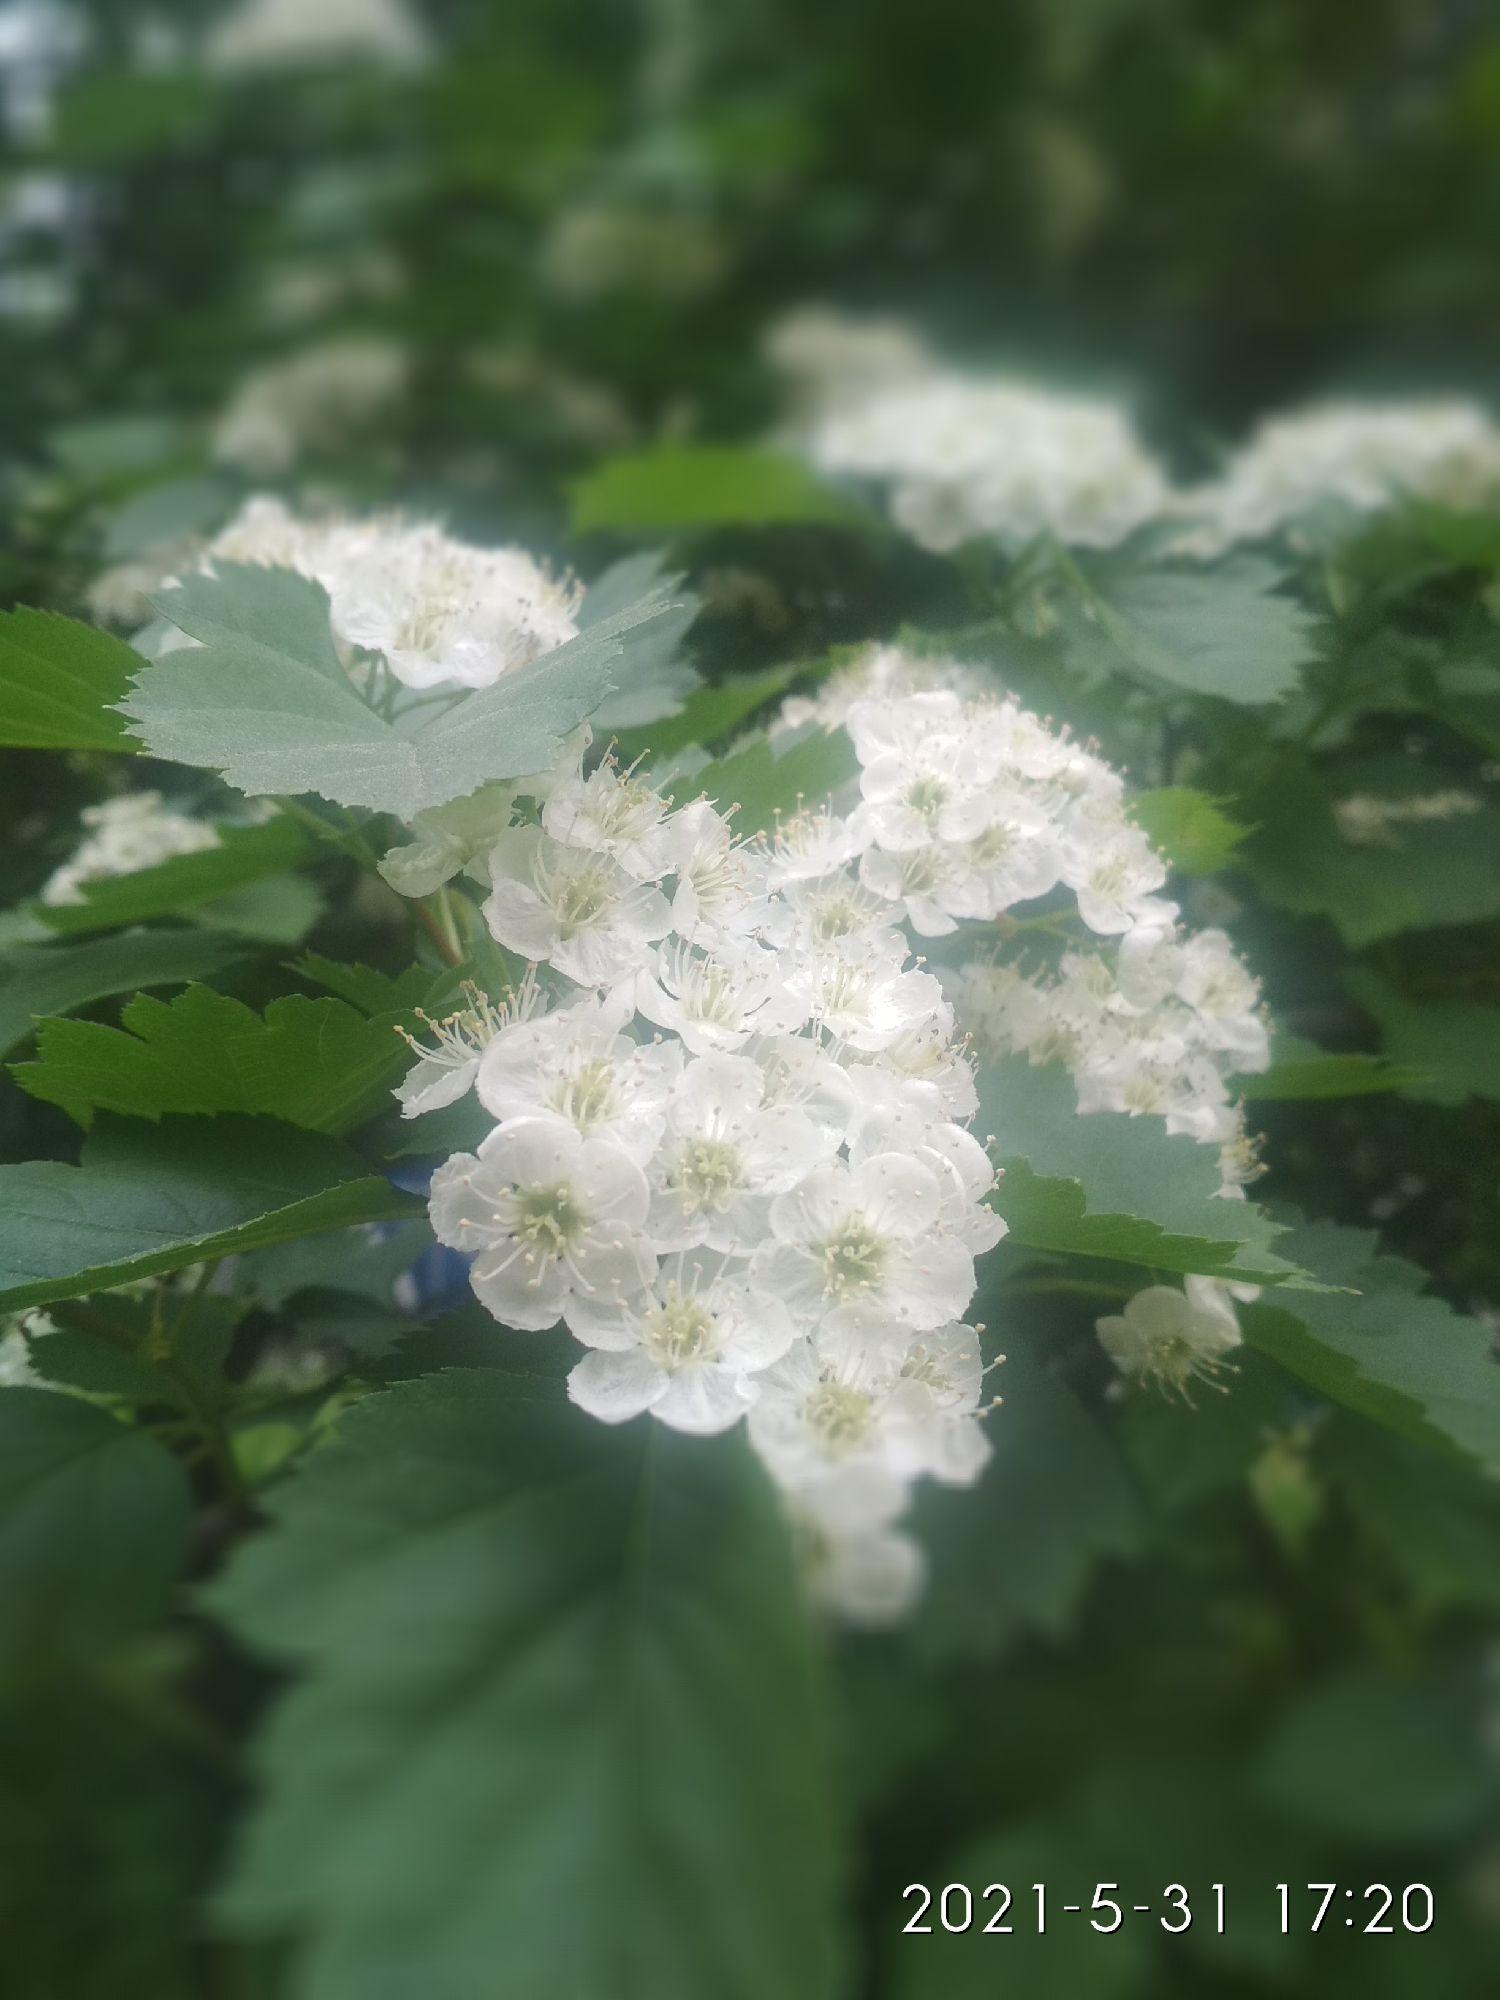 Такой нежный и прекрасный цветок боярышника имеет такой мерзкий запах. Зачем? Зачем такая несправедливость?